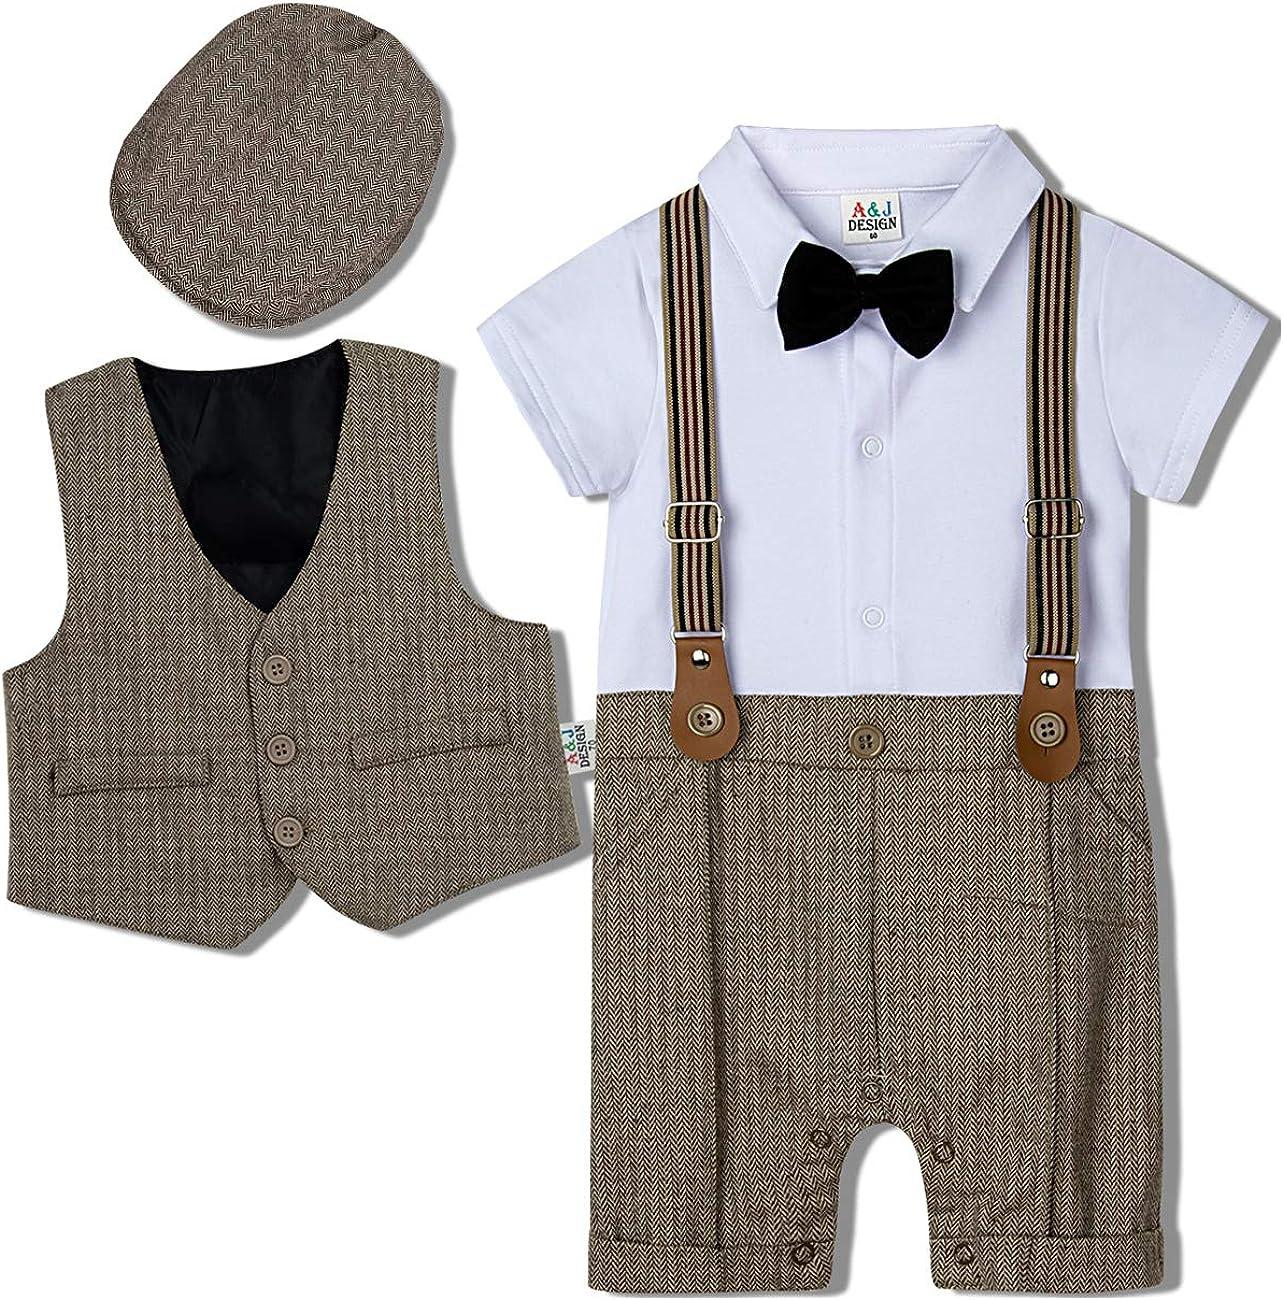 A&J DESIGN Baby Boys Outfit, 3pcs Gentleman Romper & Vest & Hat